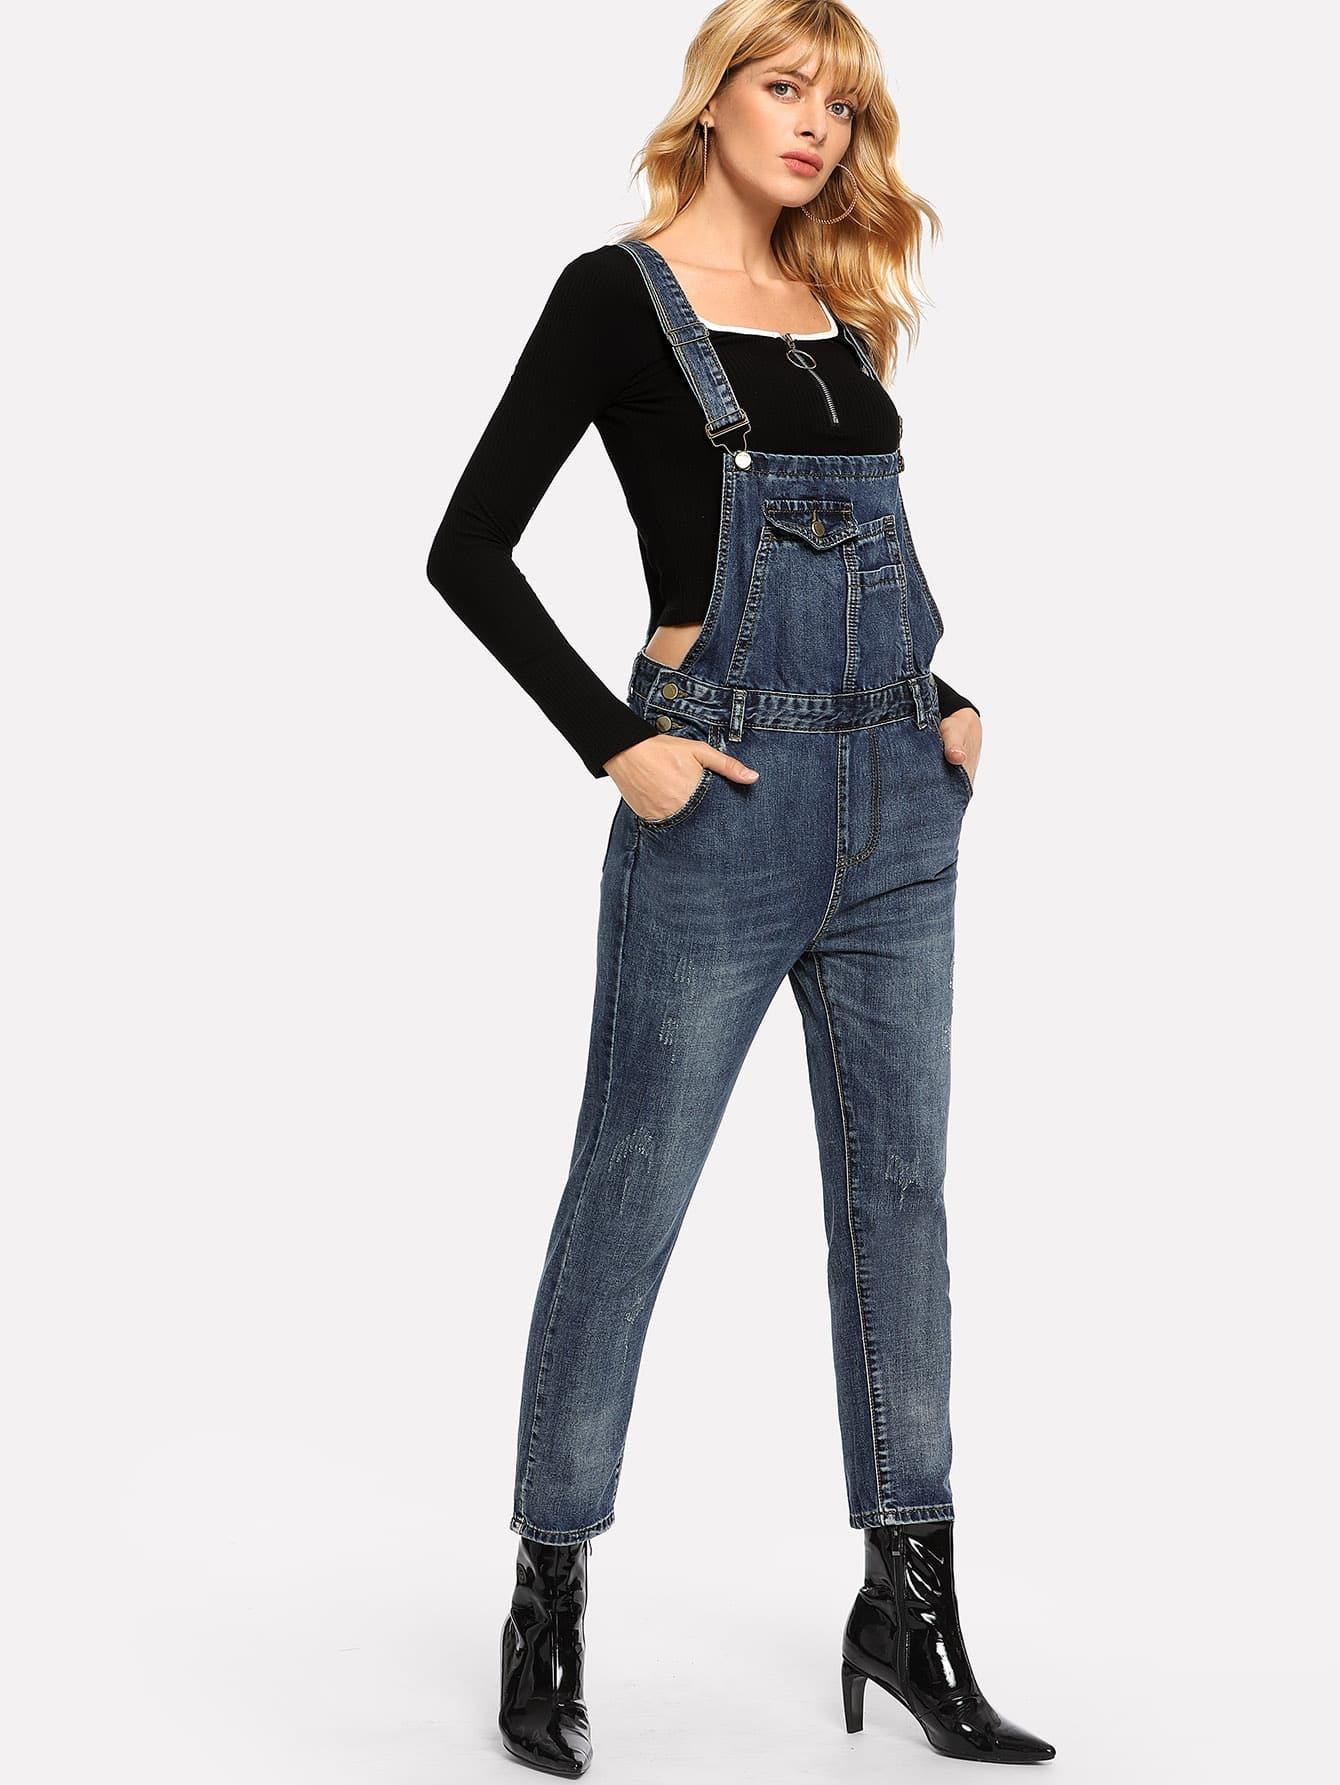 Купить Рваный джинсовый комбинезон с карманом, Masha, SheIn